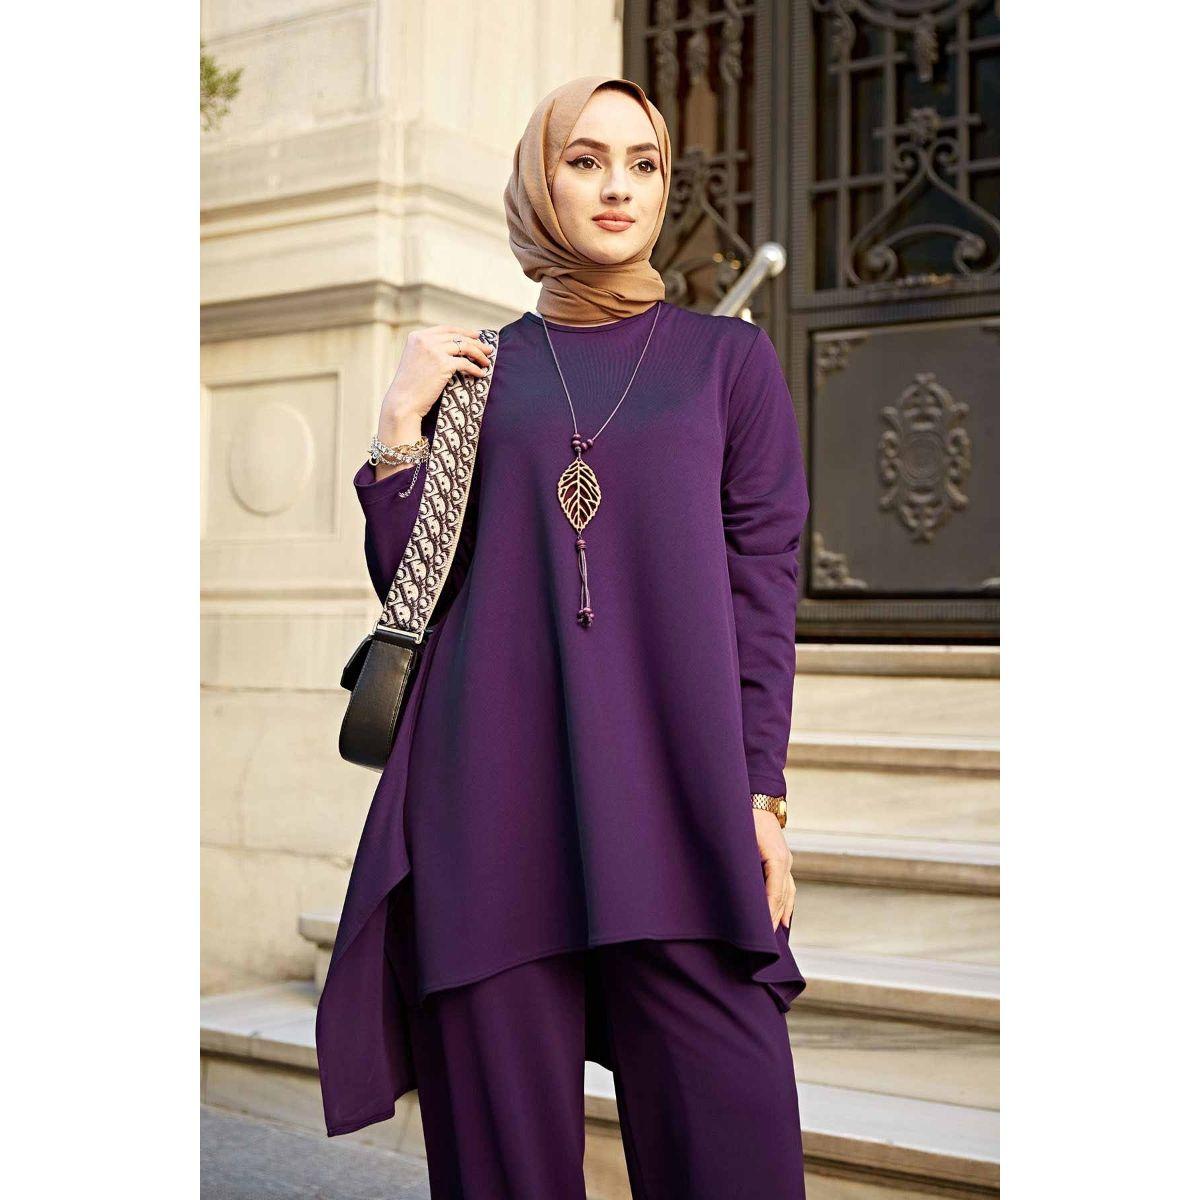 Комплект мусульманский женский с ожерельем, комплект из 2 предметов, кафтан и брюки большого размера, платье-хиджаб